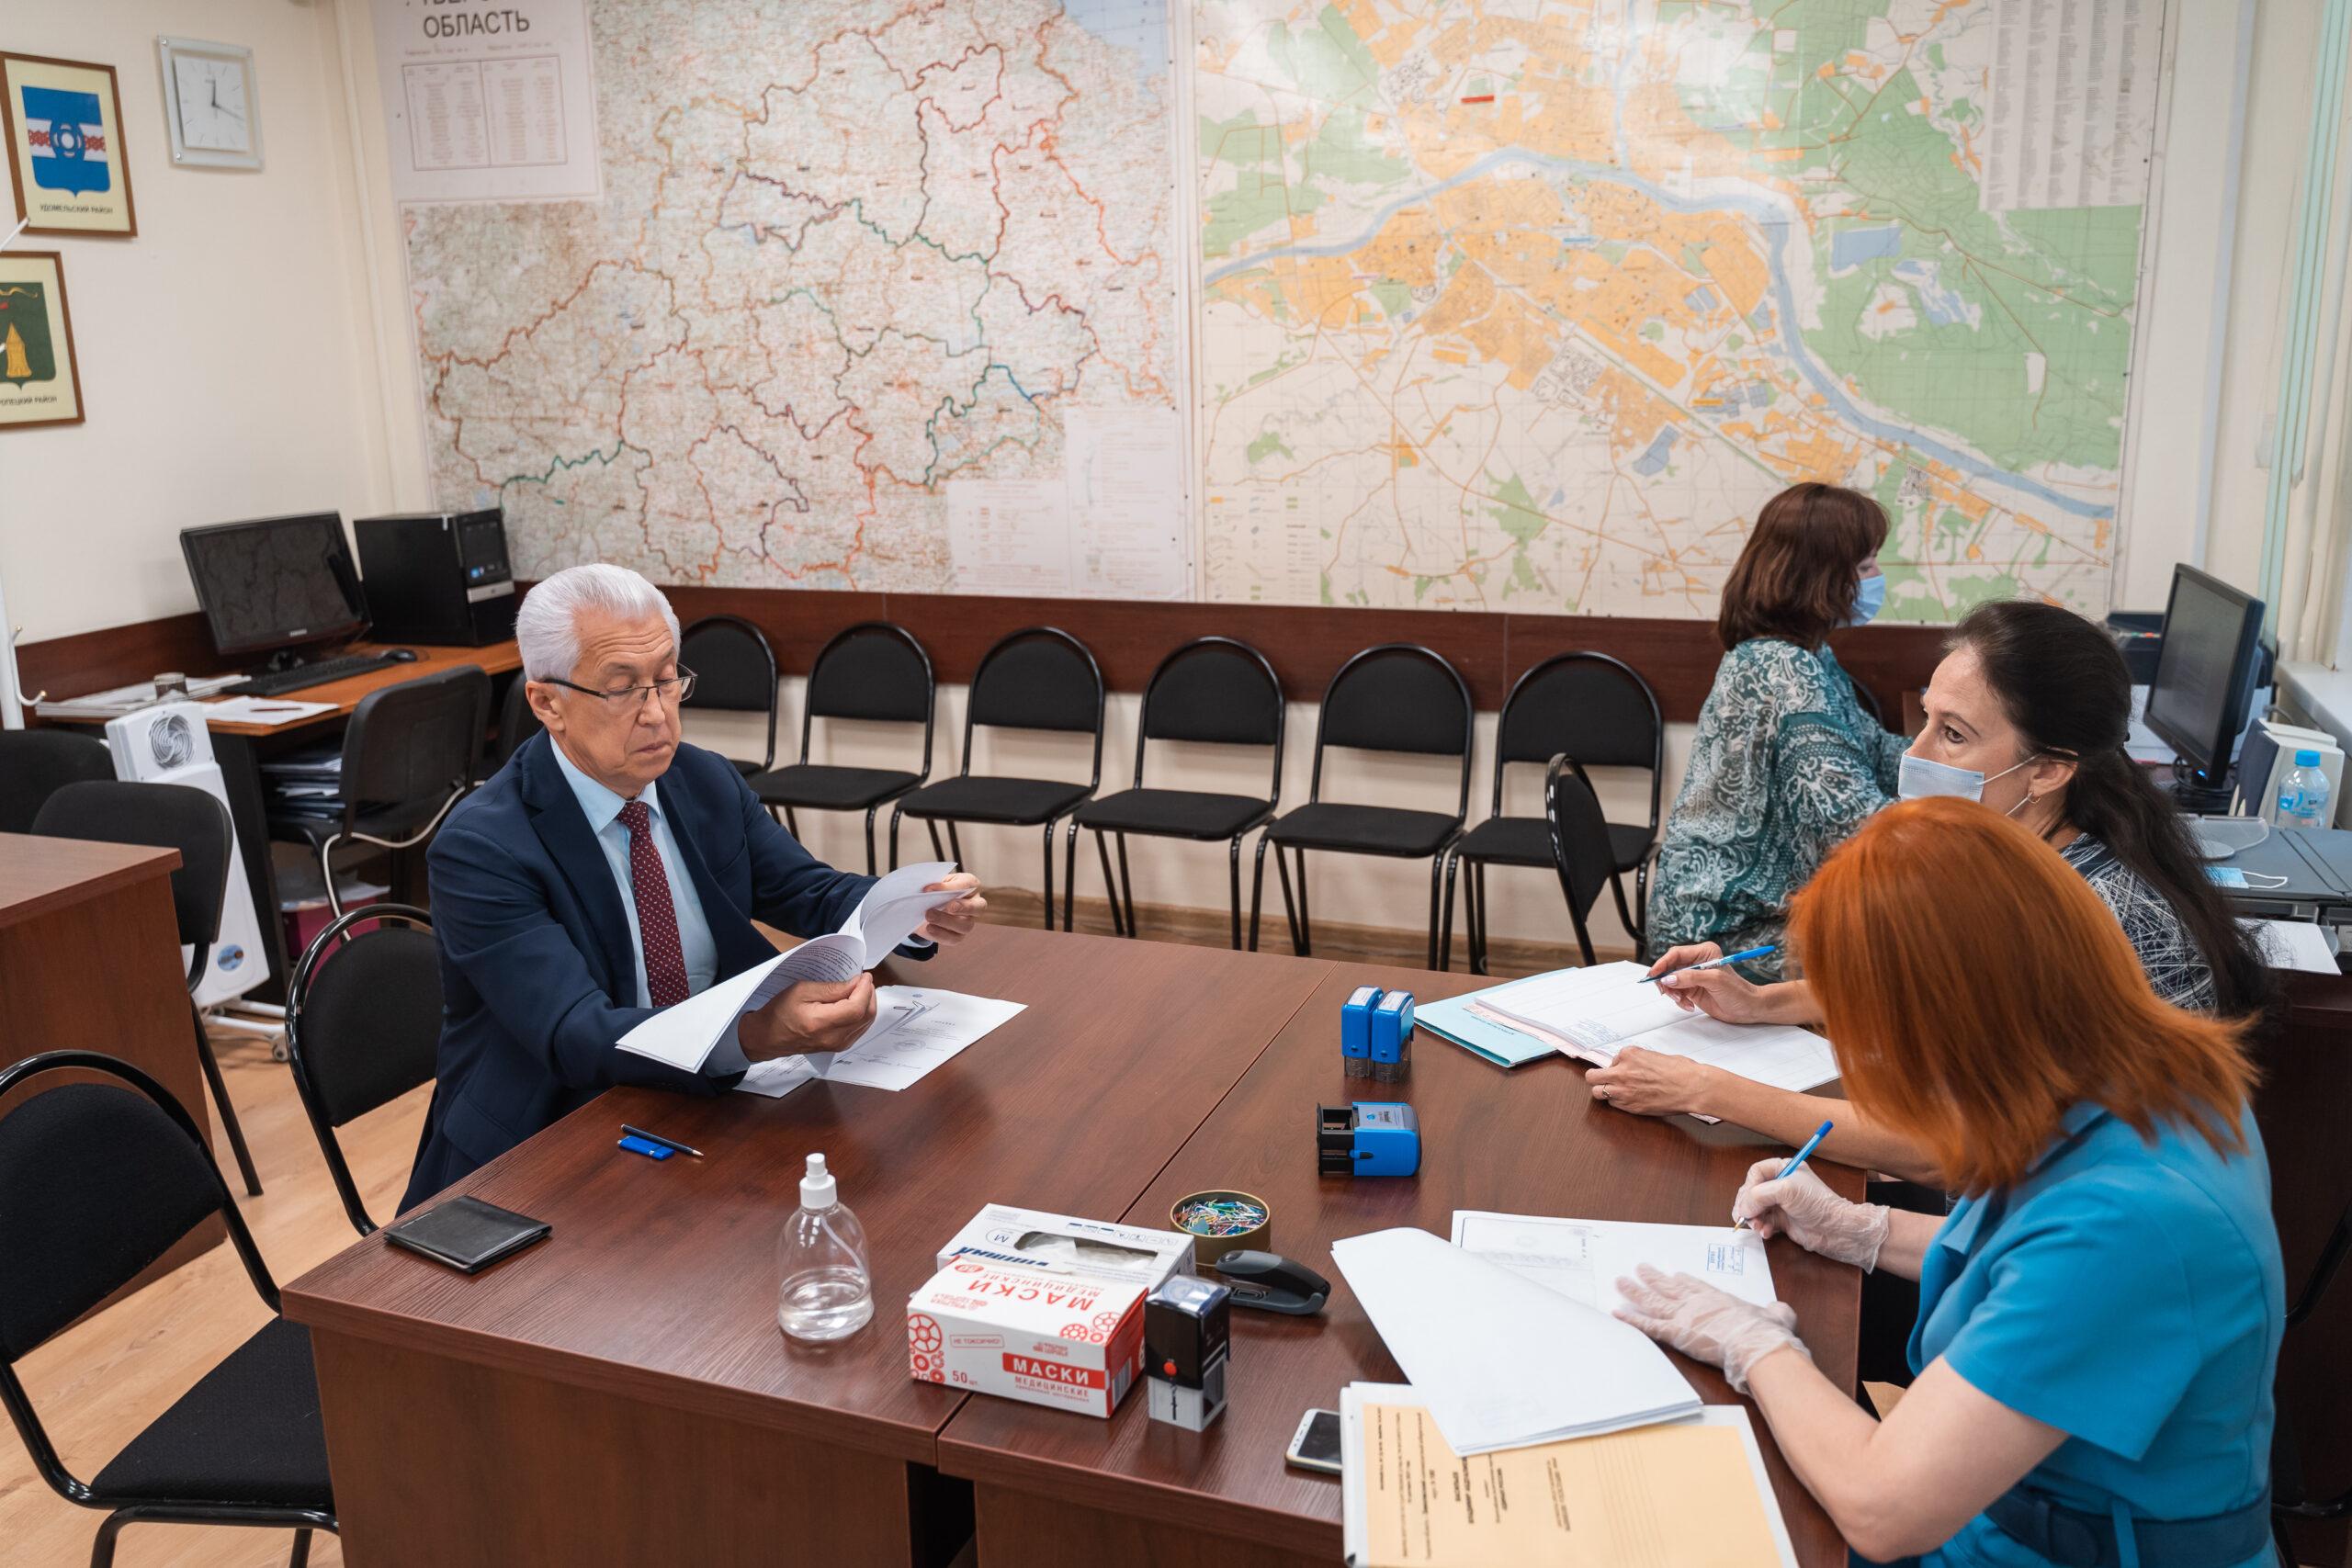 Уважаемый политик и человек Владимир Васильев отмечает день рождения